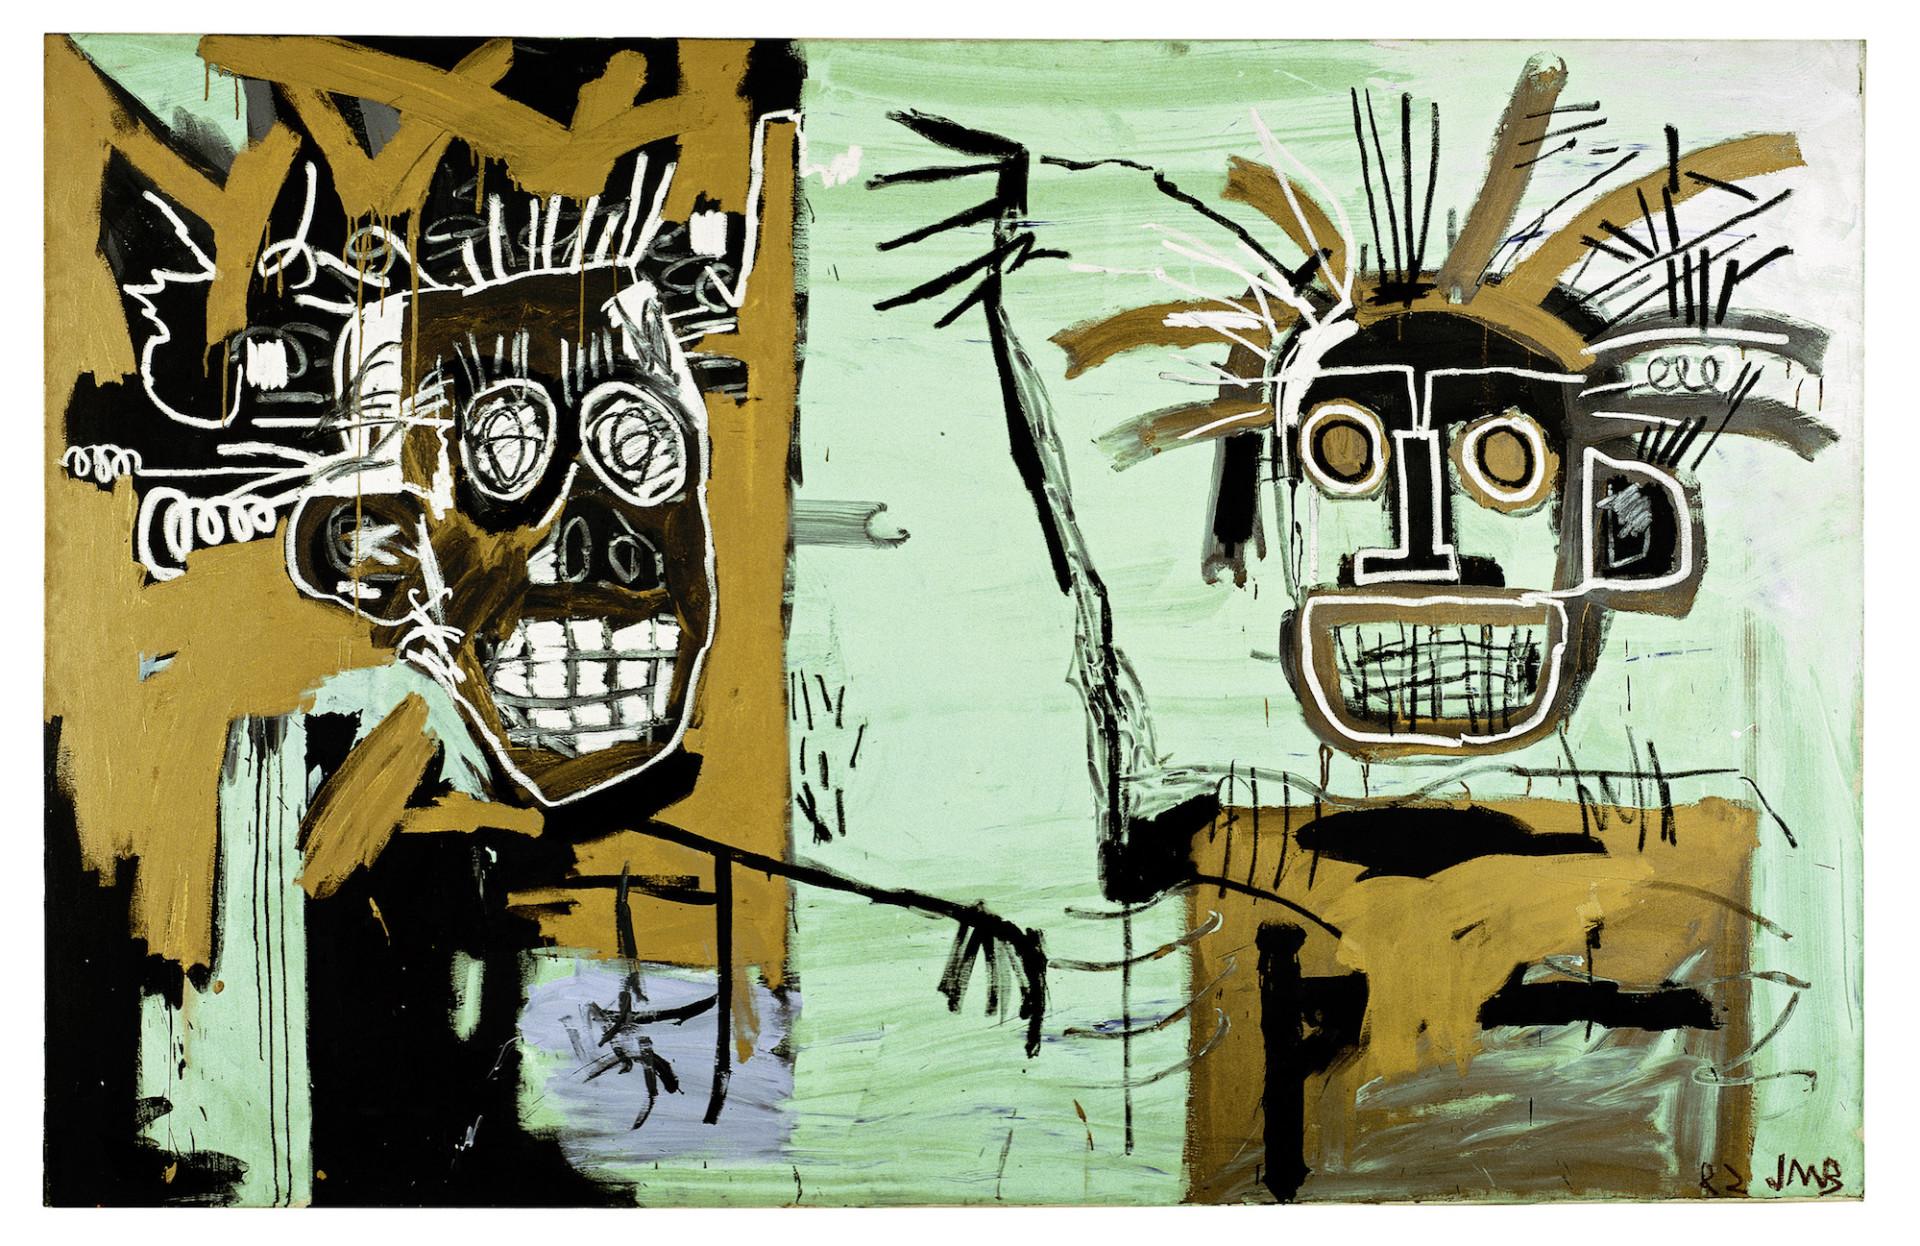 XL_Basquiat_01141_168-169-960x623@2x.jpg